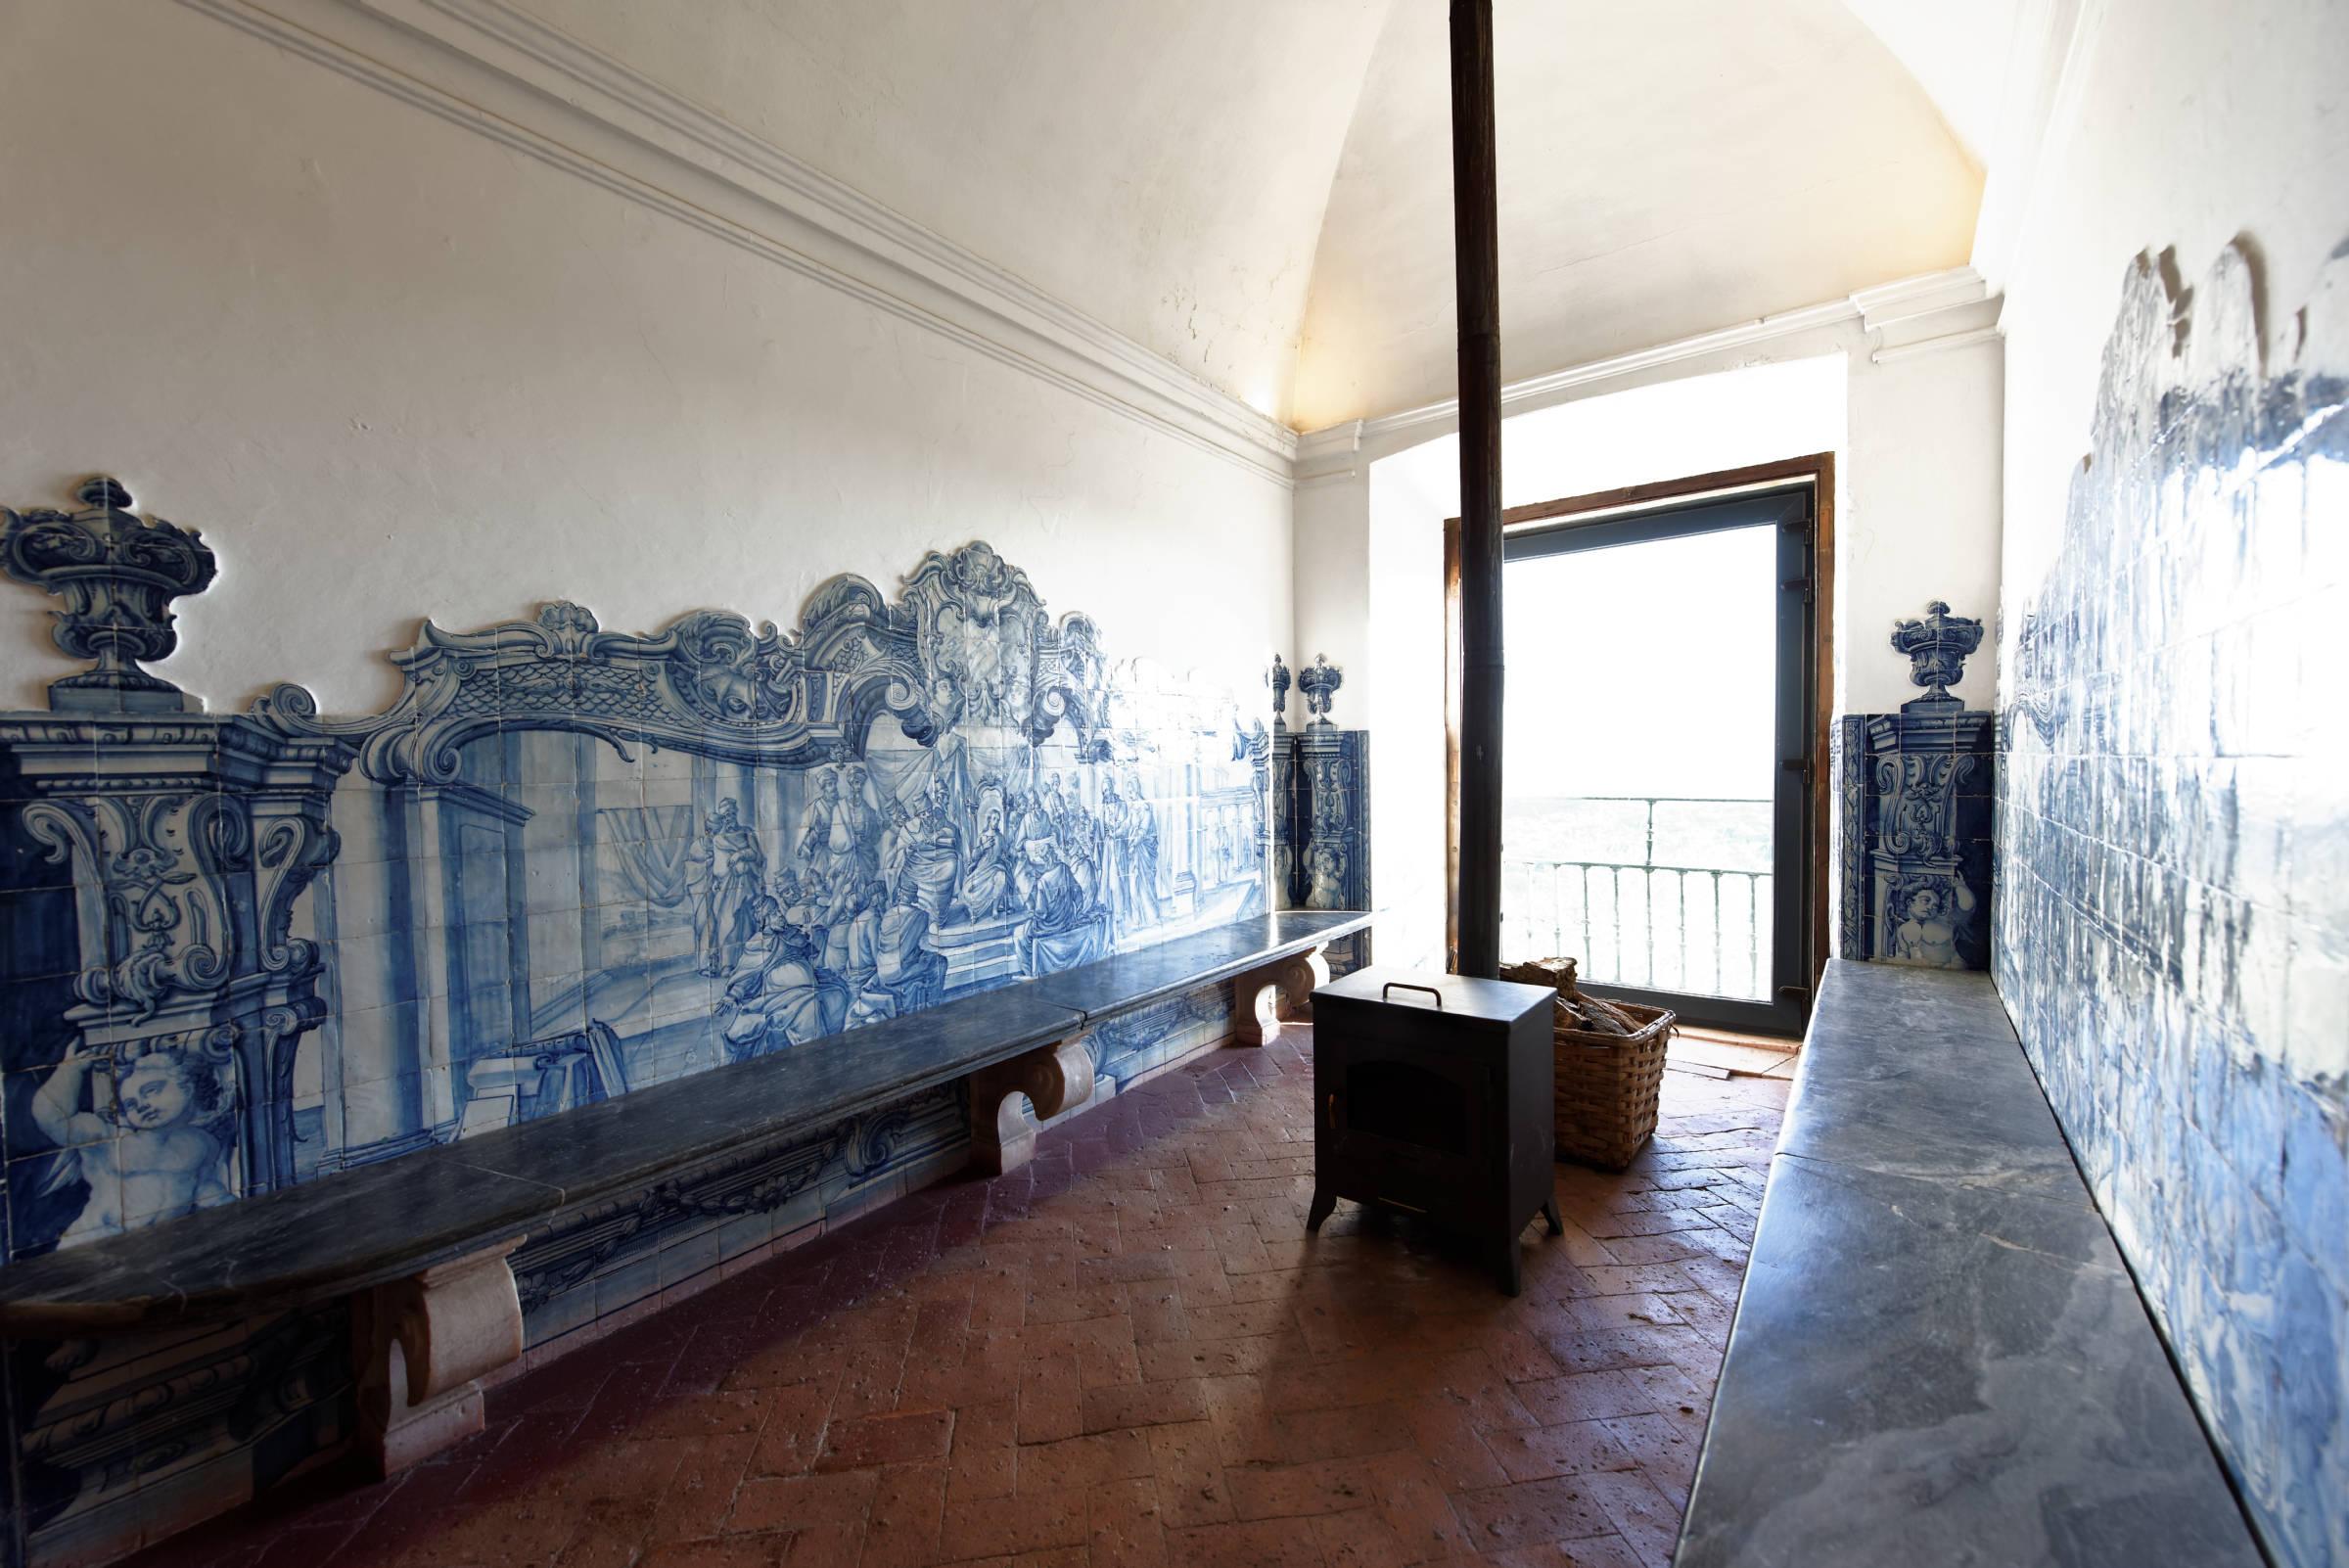 160407-Convento de sao paulo (Alentero Portugal) (127)